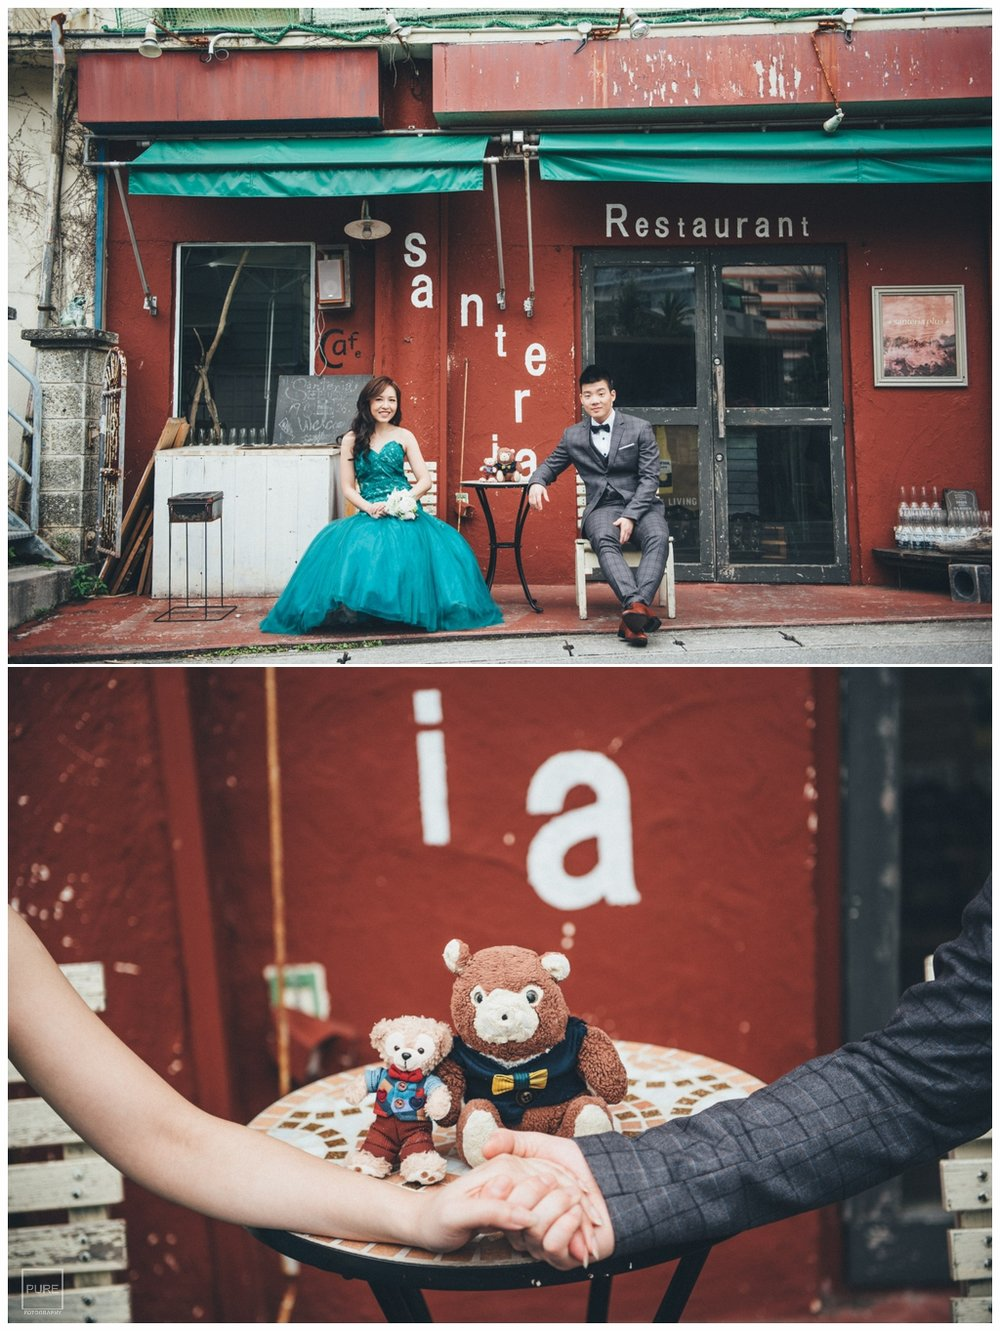 PUREFOTO_海外婚紗攝影Oversea_Prewedding_美式婚紗拍攝紅色水泥牆餐廳婚紗拍攝